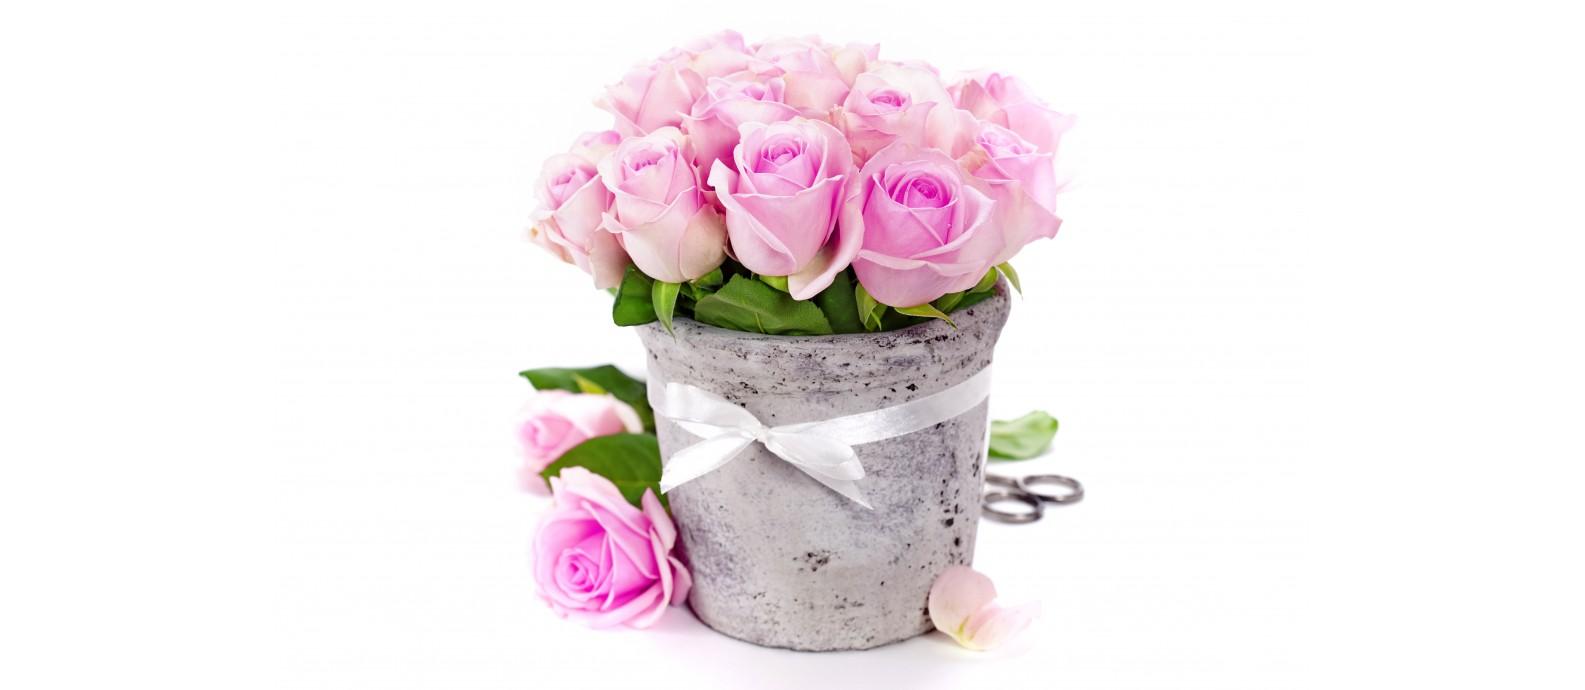 Доставка цветов в Долгопрудный